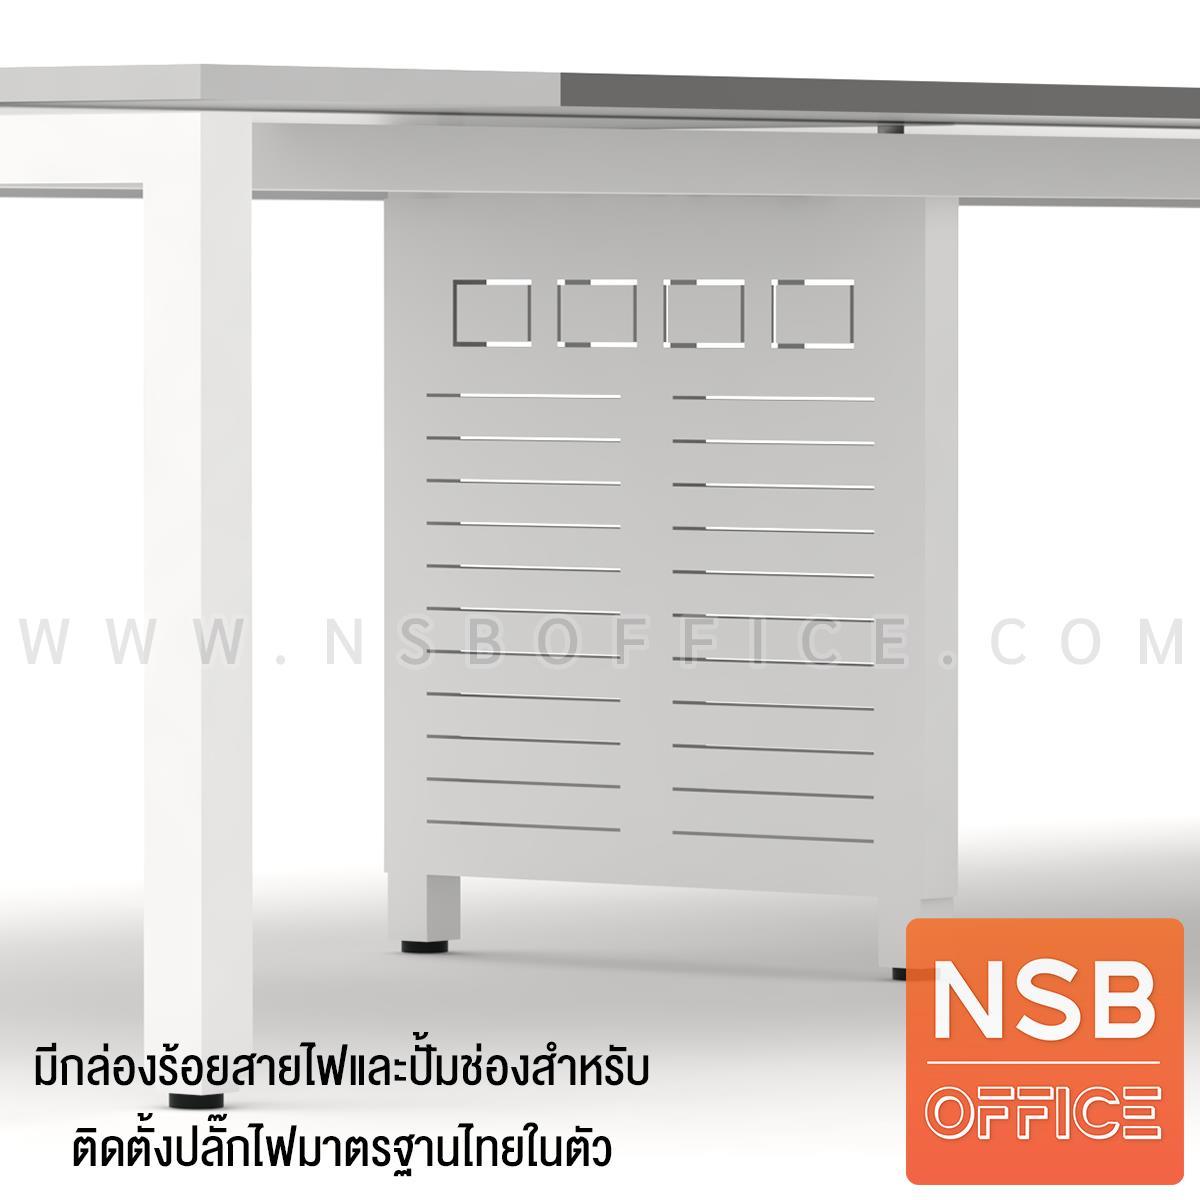 โต๊ะประชุมทรงสี่เหลี่ยม 120D cm. รุ่น CONNEXX-021  ขากลางมีกล่องร้อยสาย